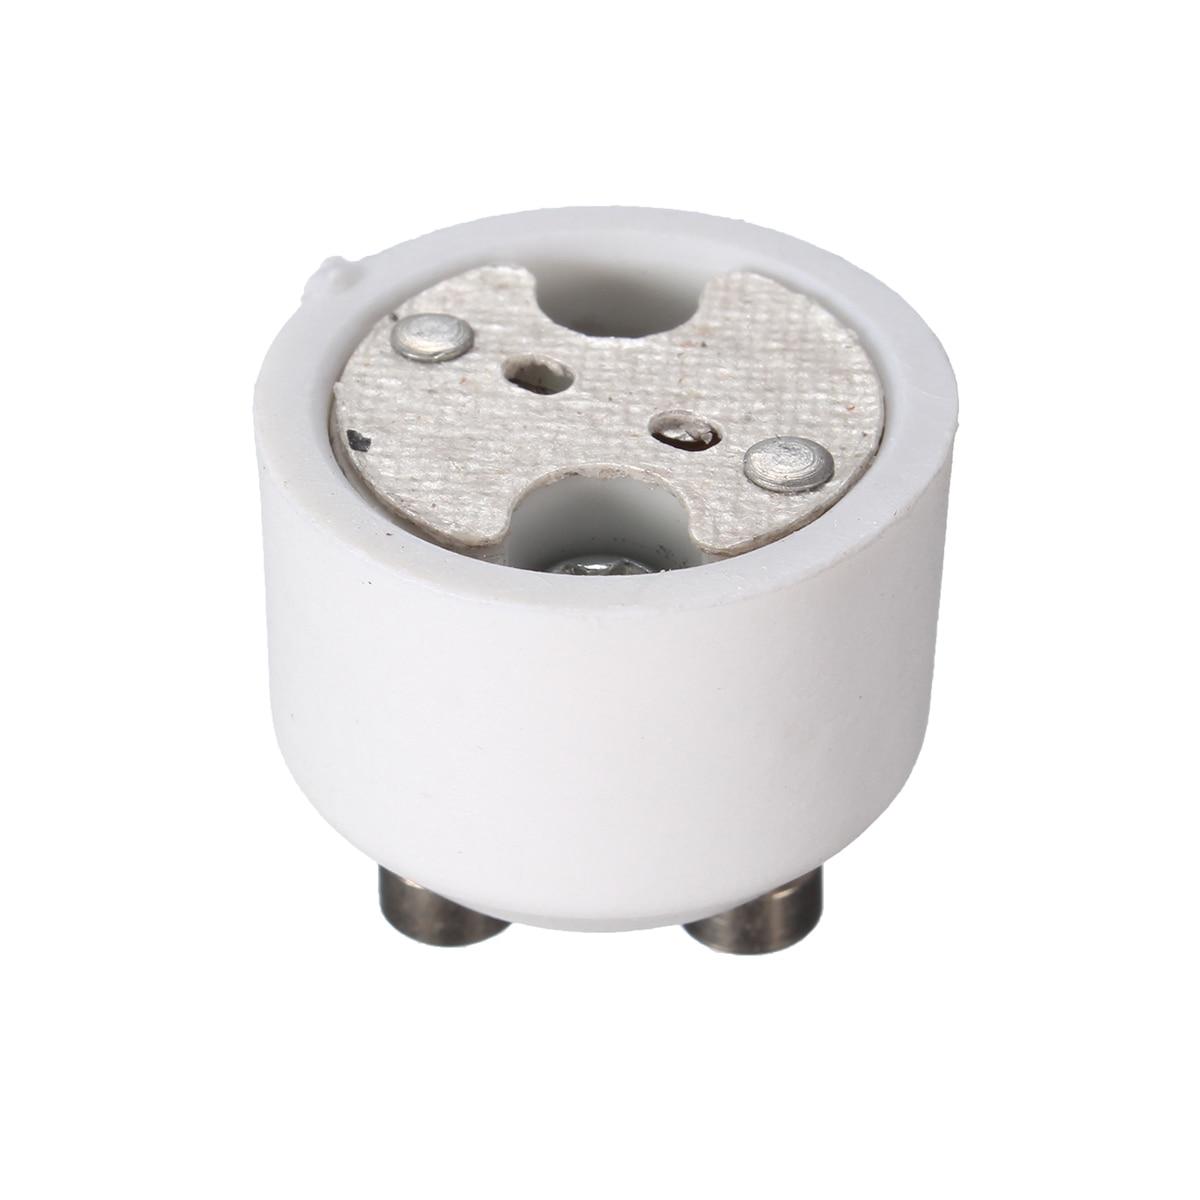 ARILUX GU10 To MR16 Adapter Socket Base Halogen Light Bulb Lamp Converter Holder Lamp Holder